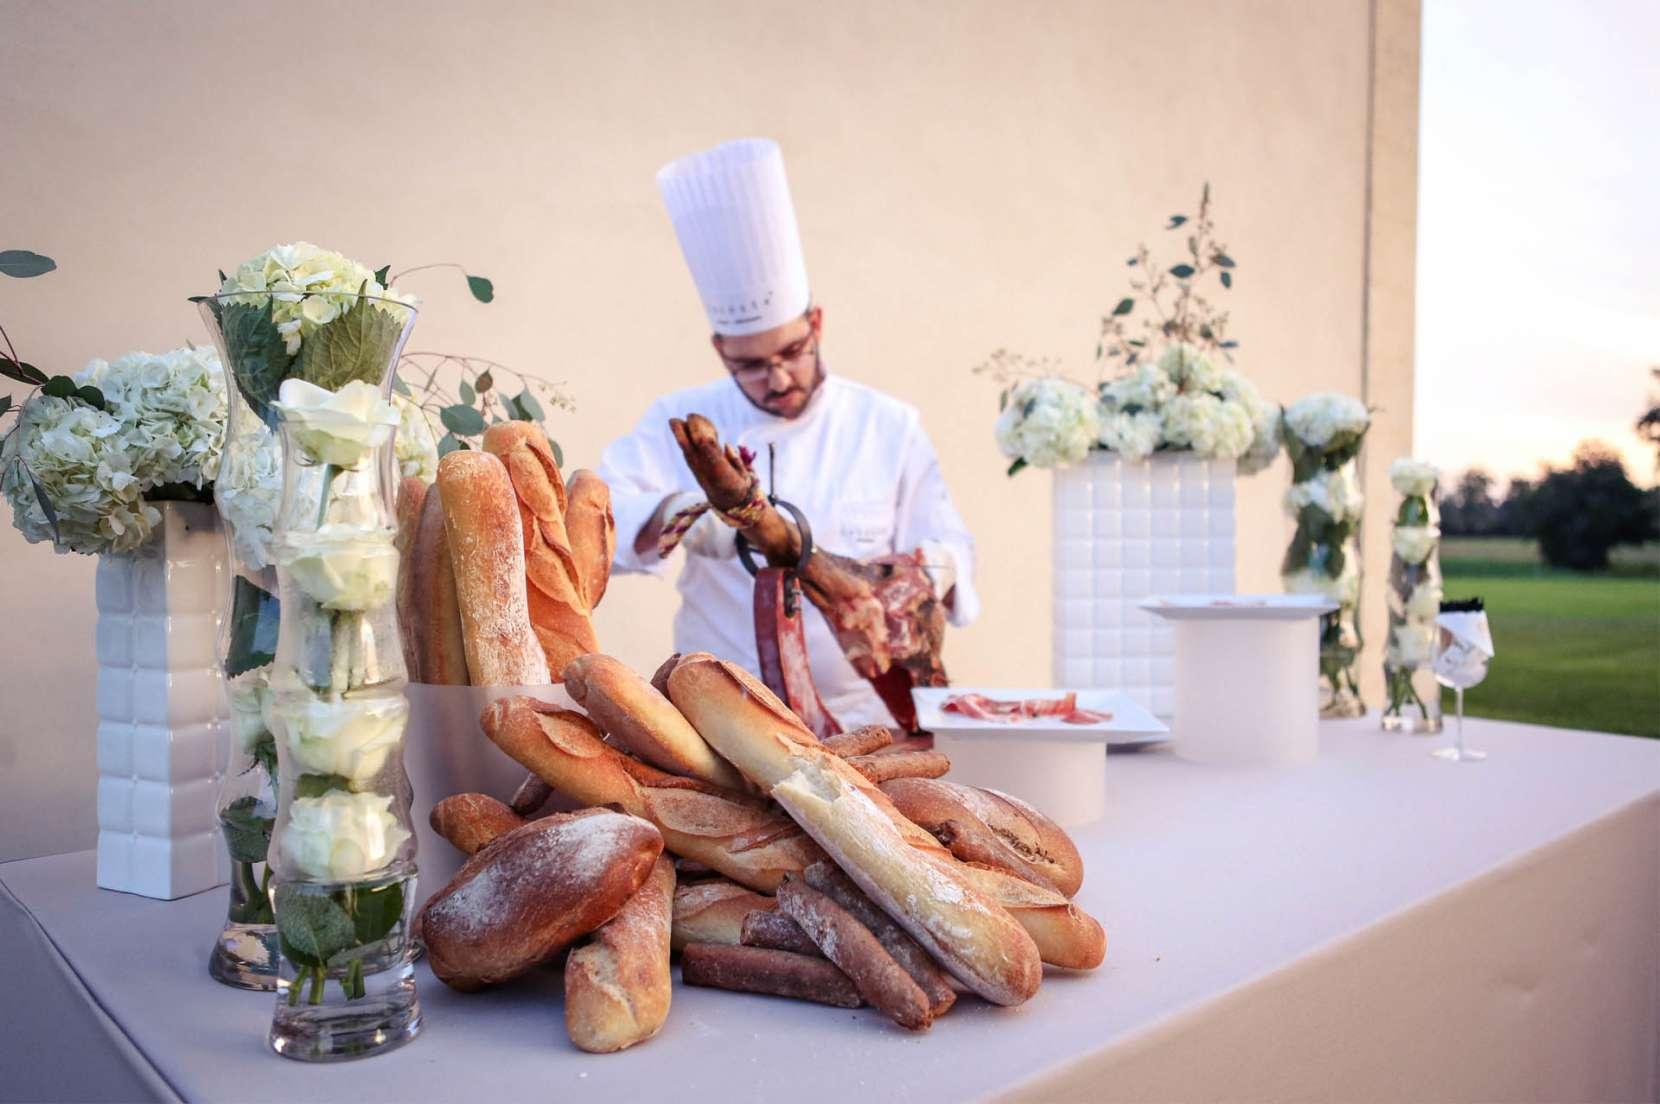 Animation-culinaire-salée-découpe-de-jambon-Serrano-au-buffet-par-un-chef-1660x1104.jpg